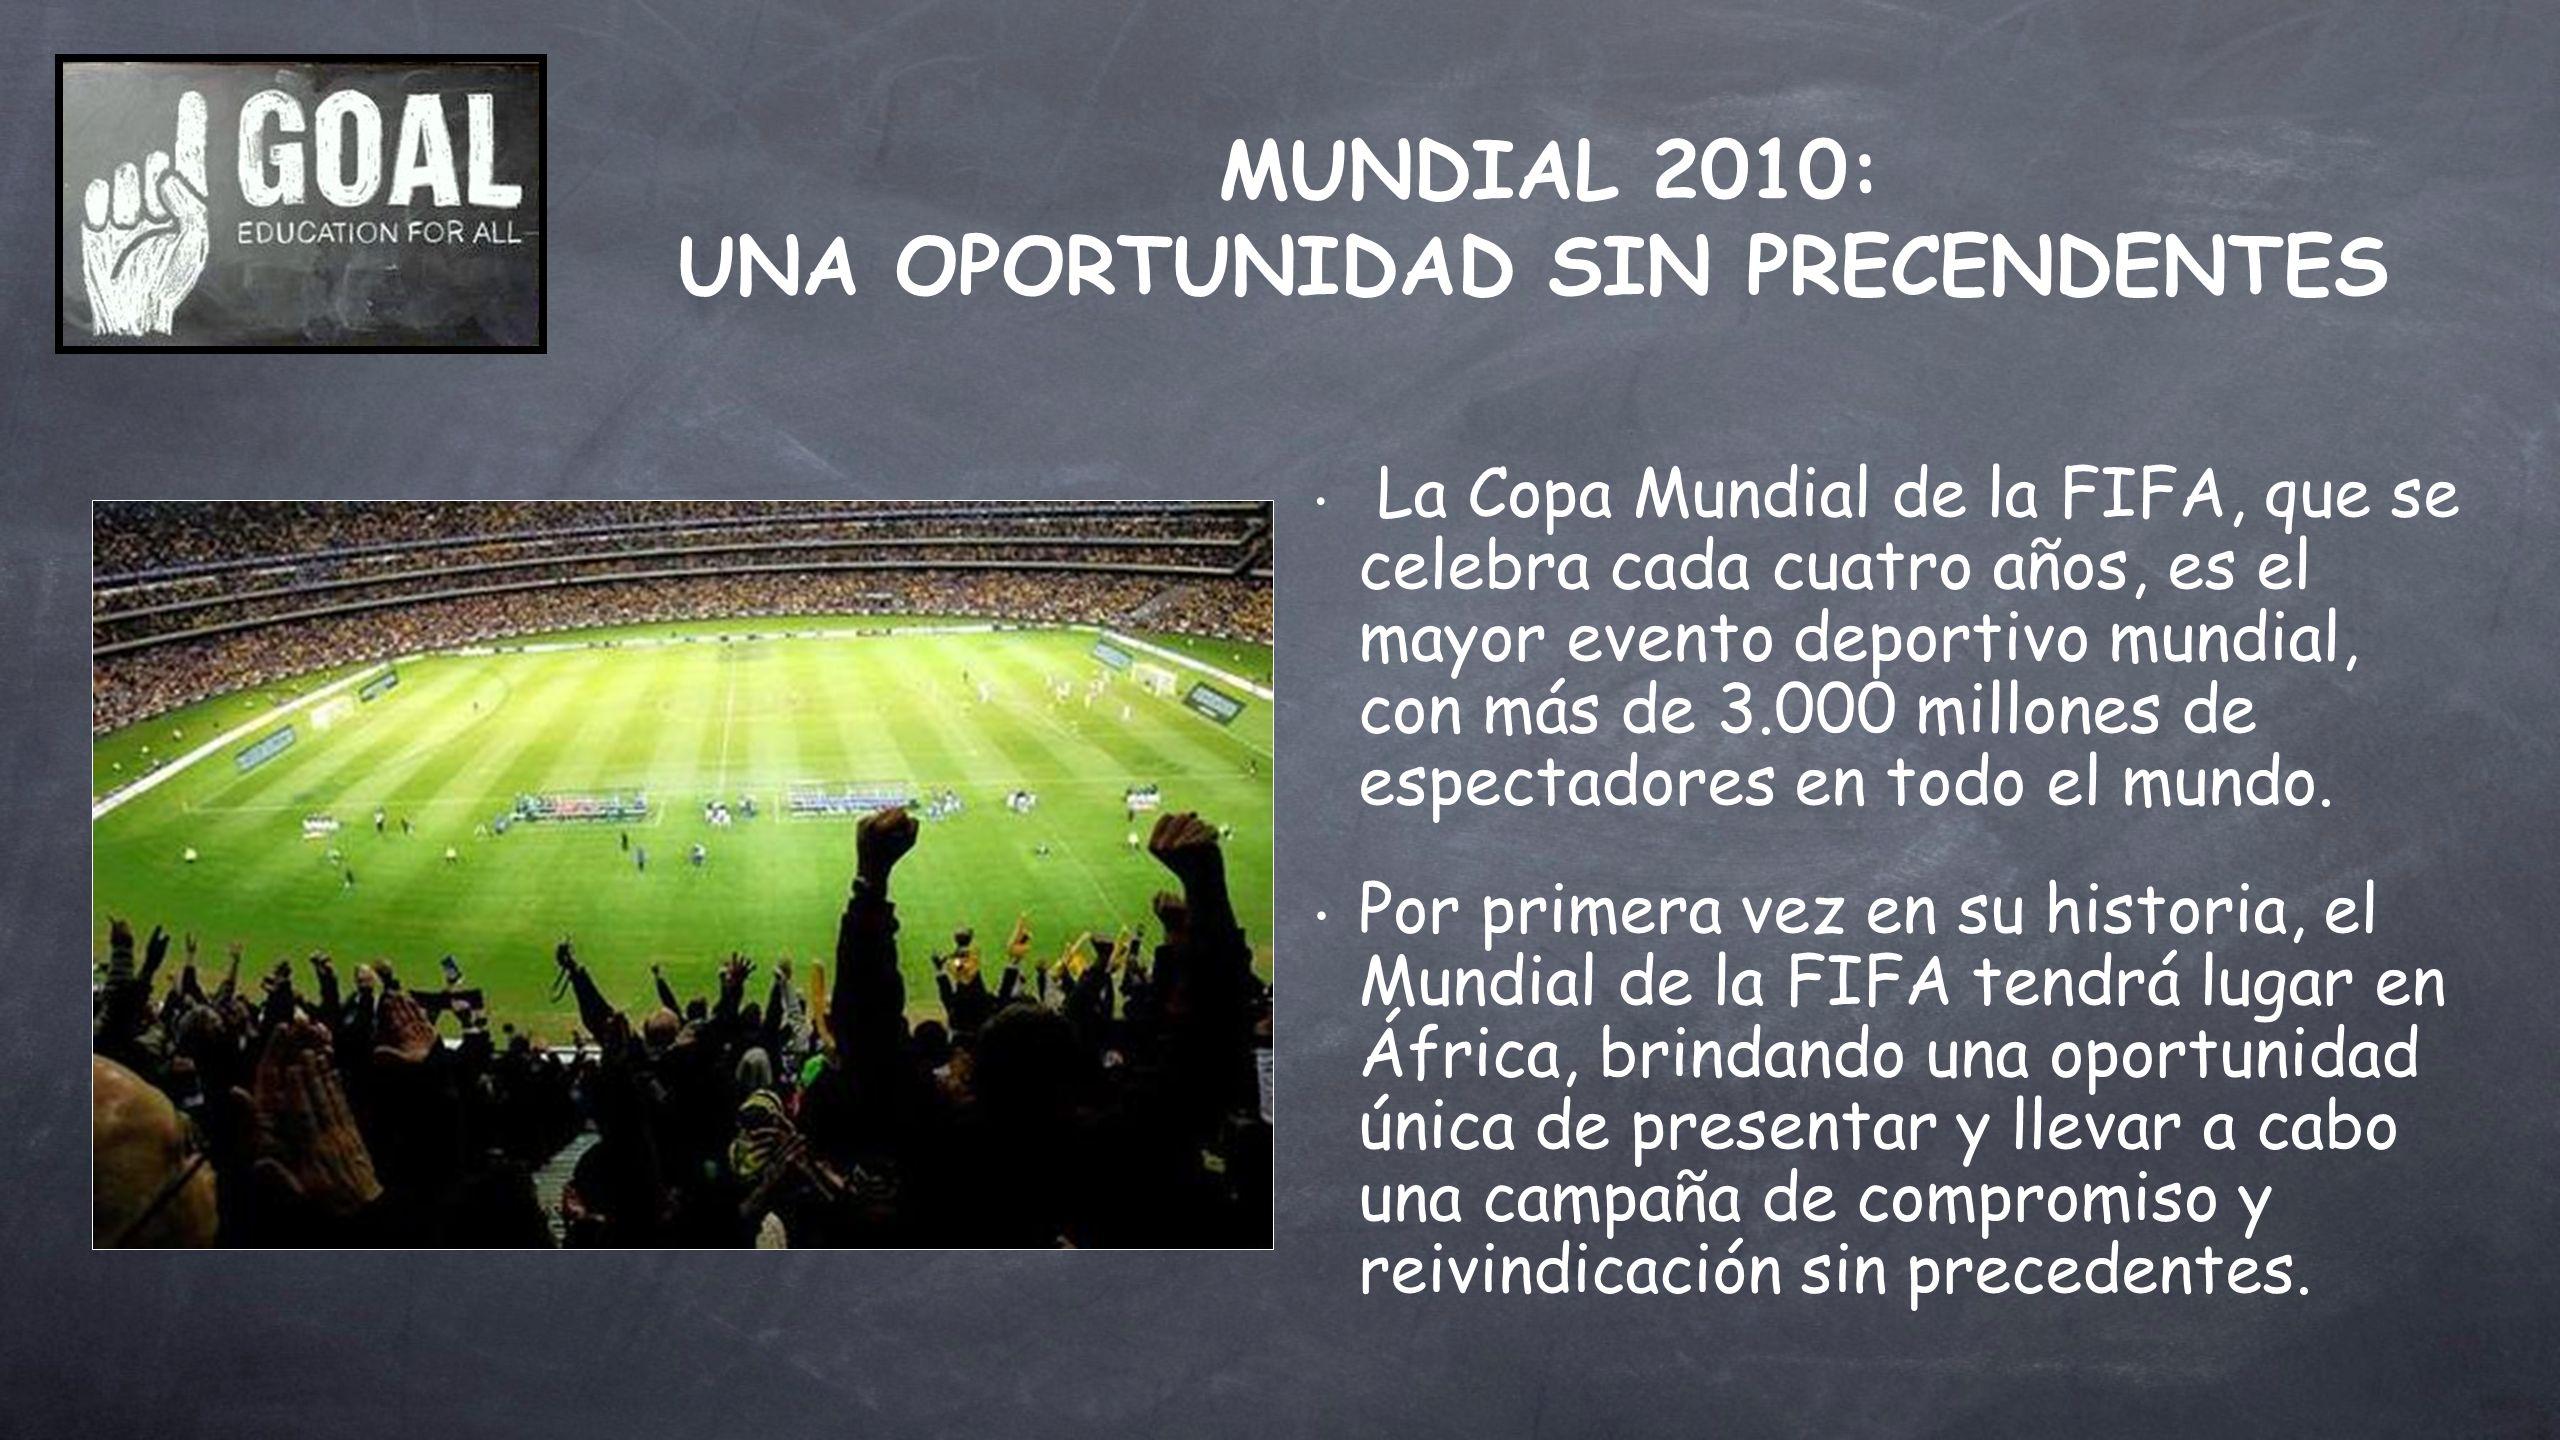 MUNDIAL 2010: UNA OPORTUNIDAD SIN PRECENDENTES La Copa Mundial de la FIFA, que se celebra cada cuatro años, es el mayor evento deportivo mundial, con más de 3.000 millones de espectadores en todo el mundo.